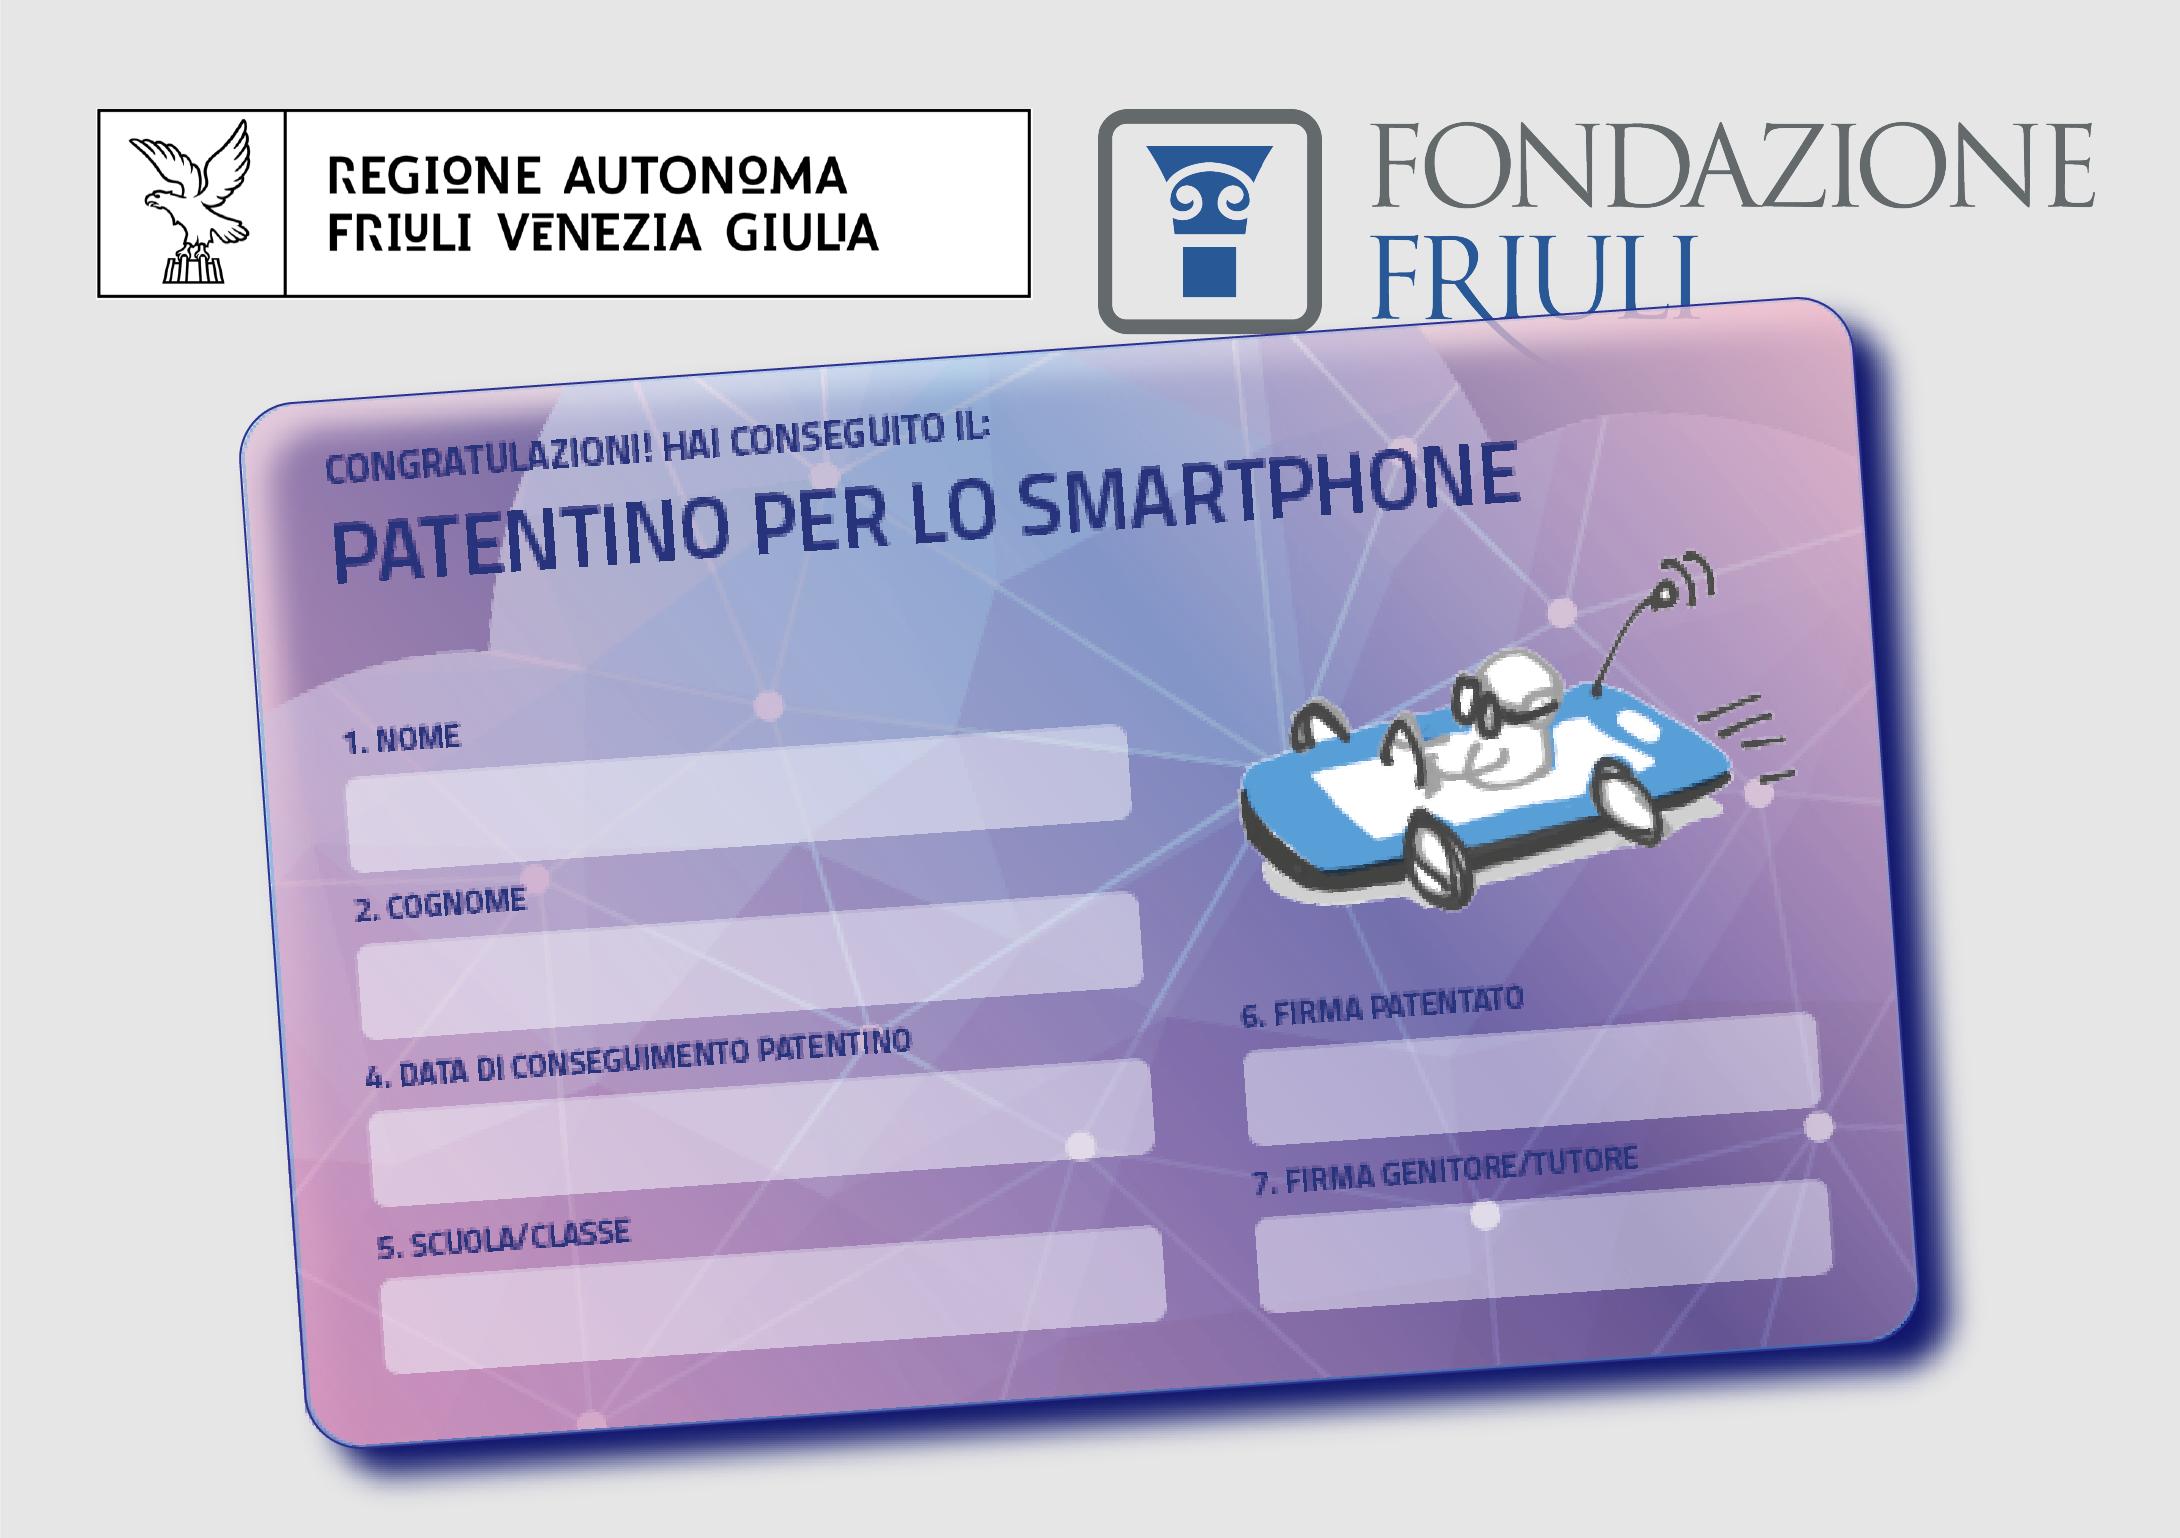 patentino per lo smartphone